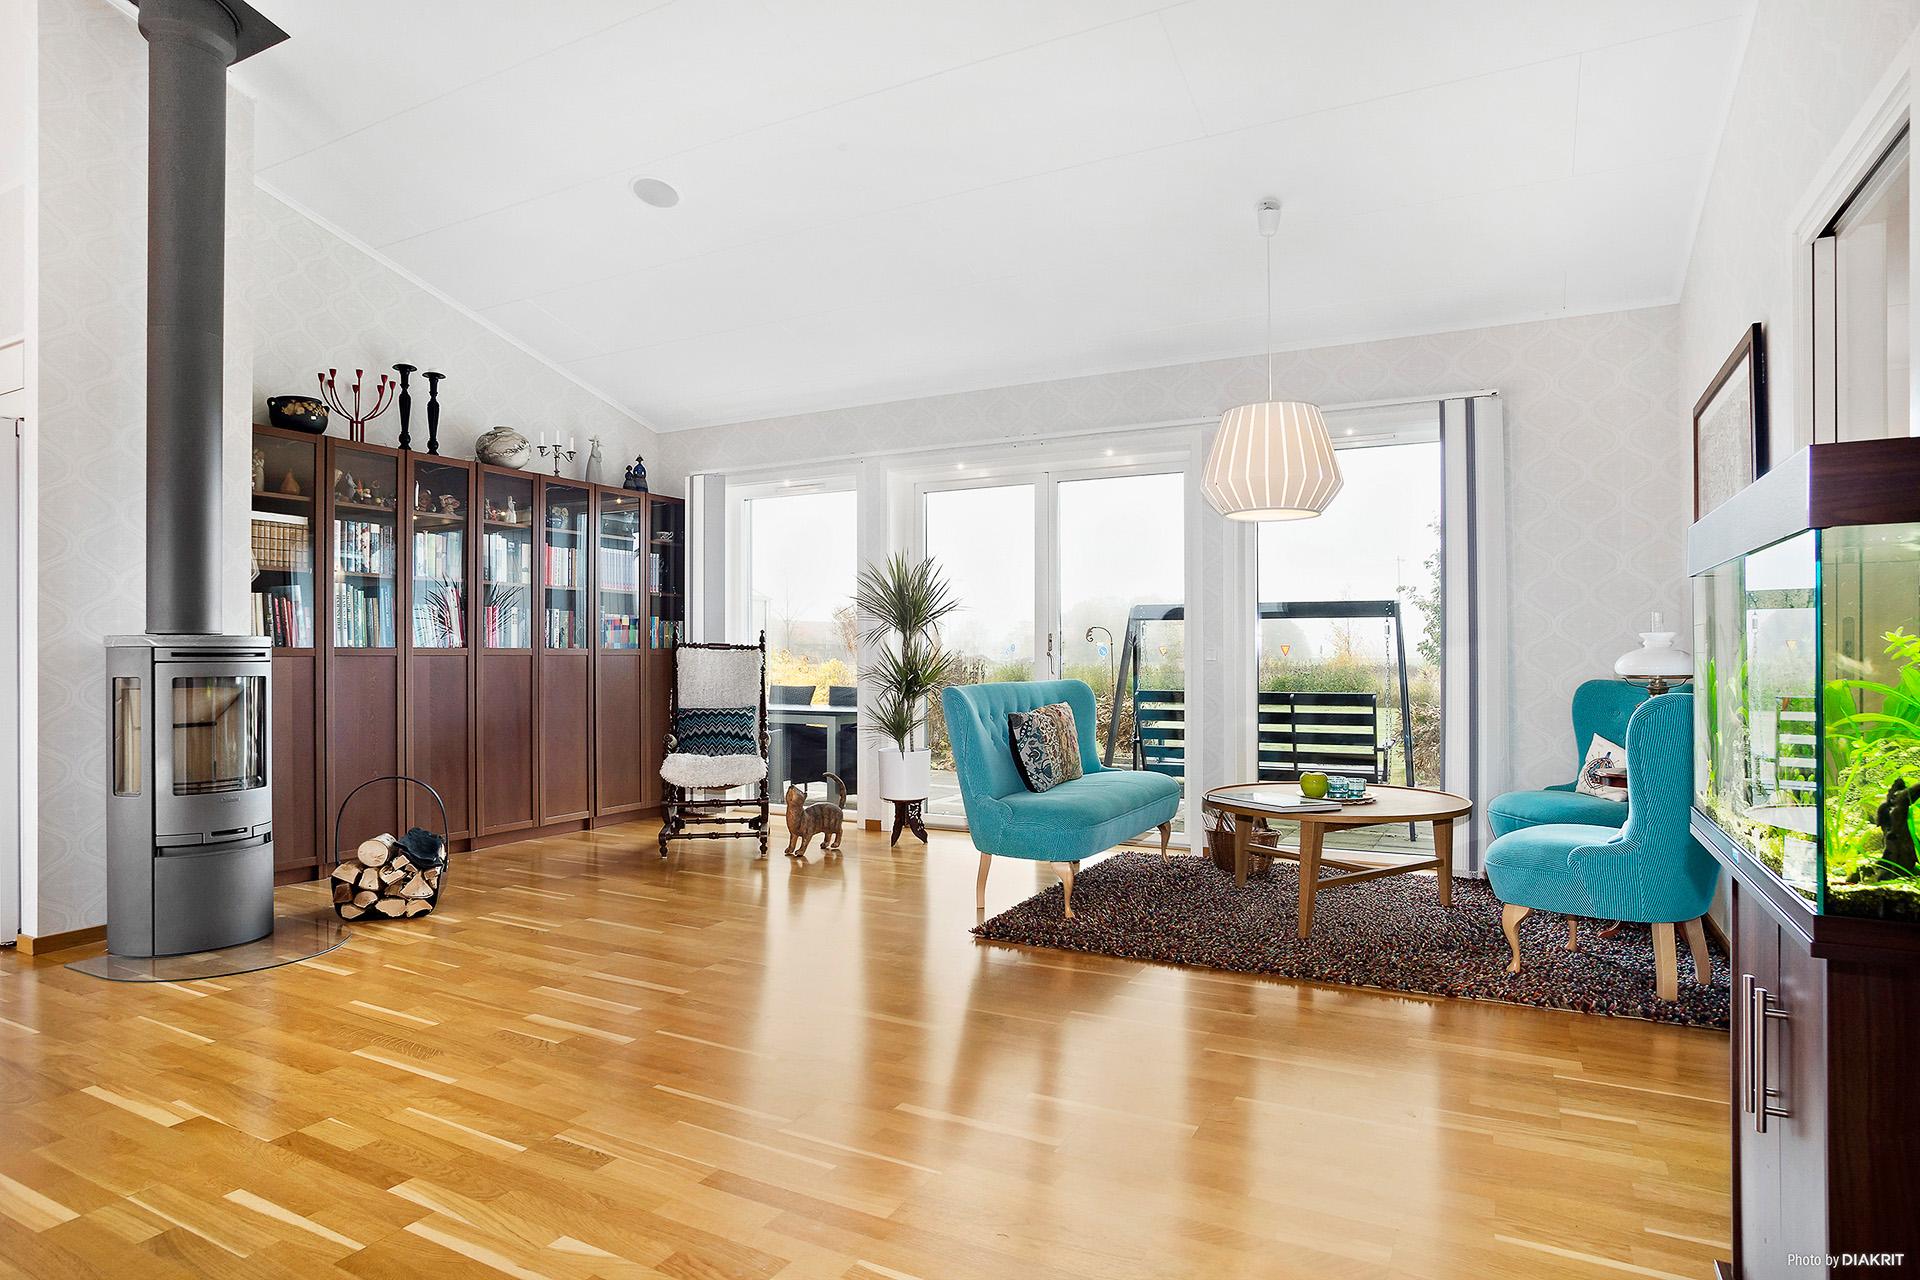 Vardagsrum med baskamin och stora fönsterpartier ut mot altanen och trädgården